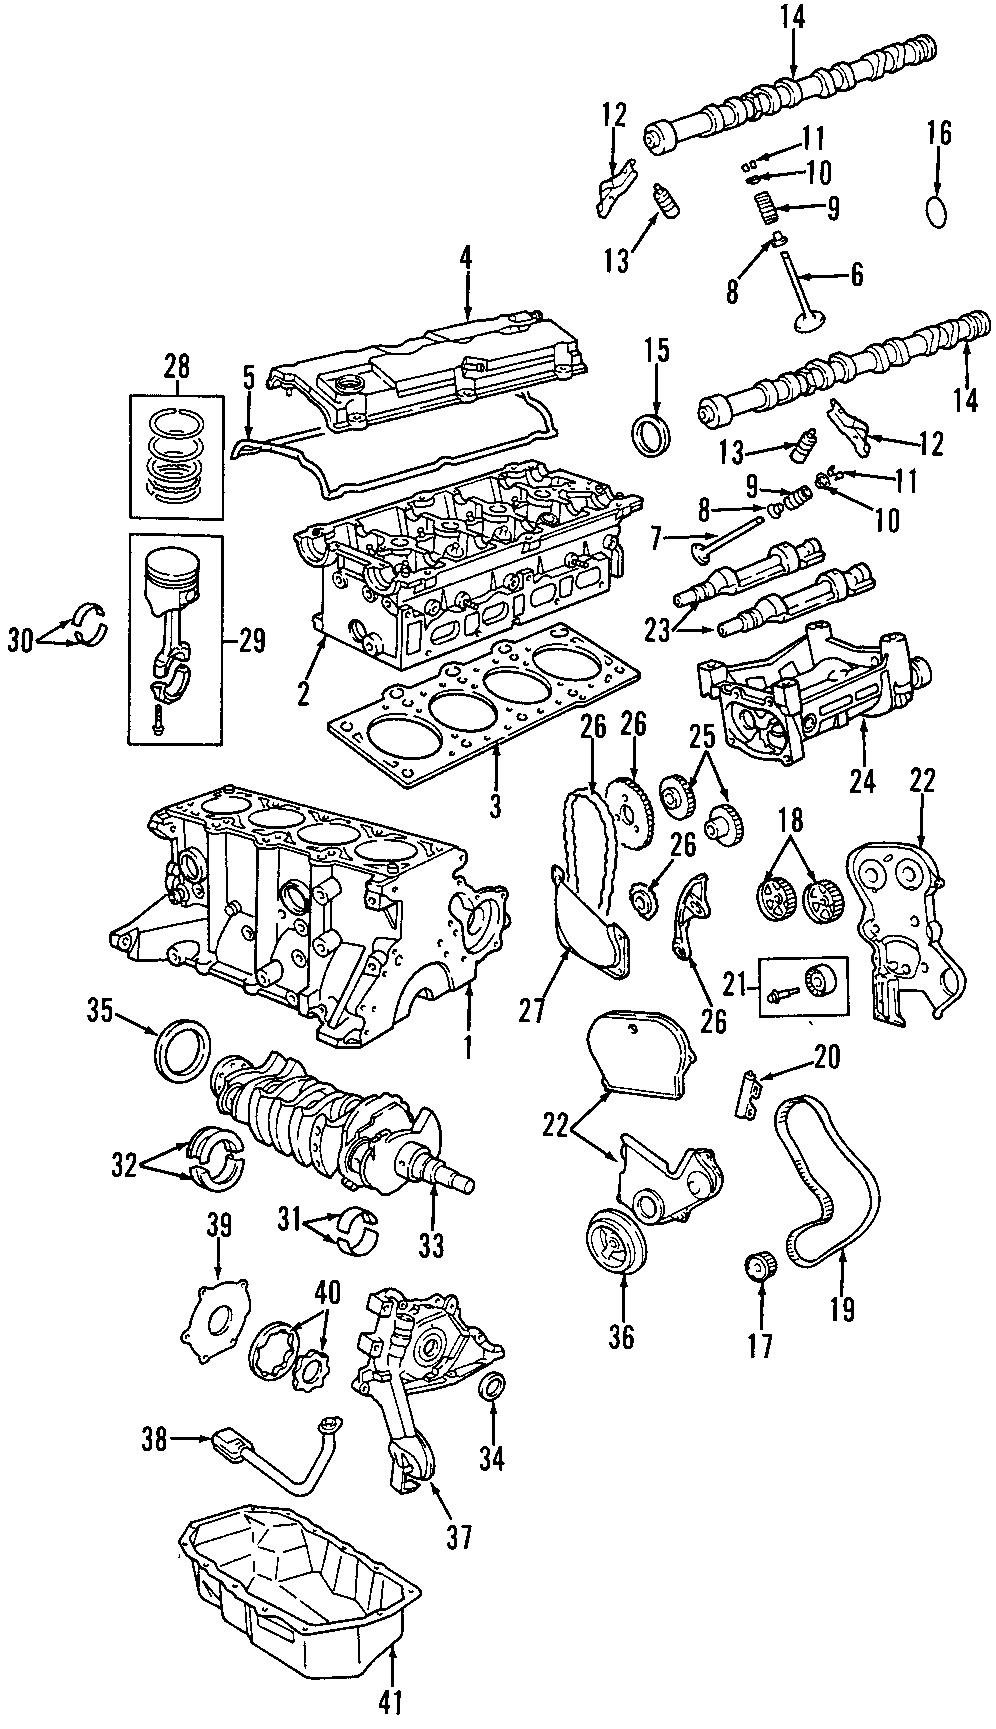 2004 Dodge Neon Bearings Engine Crankshaft Thrust Washer